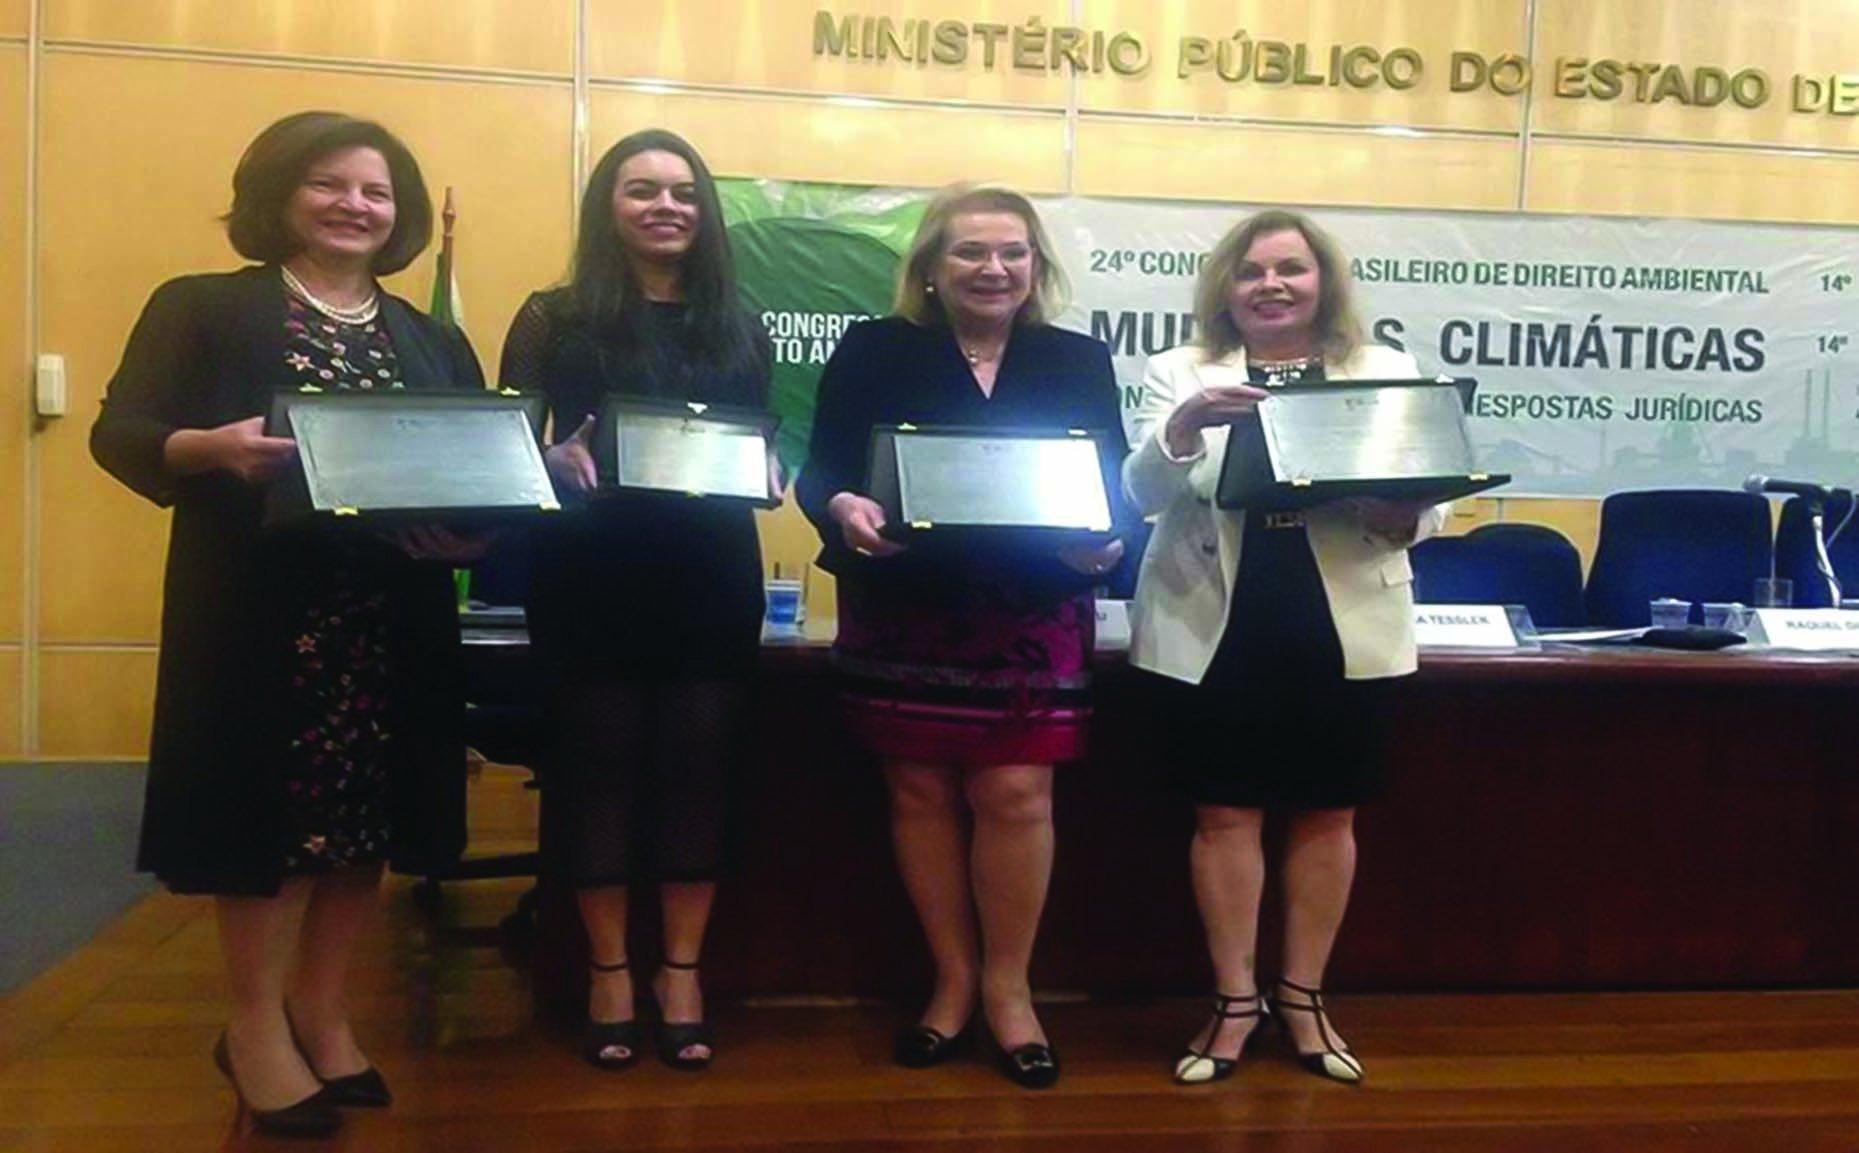 Metodista conquista prêmio com artigo sobre Brumadinho